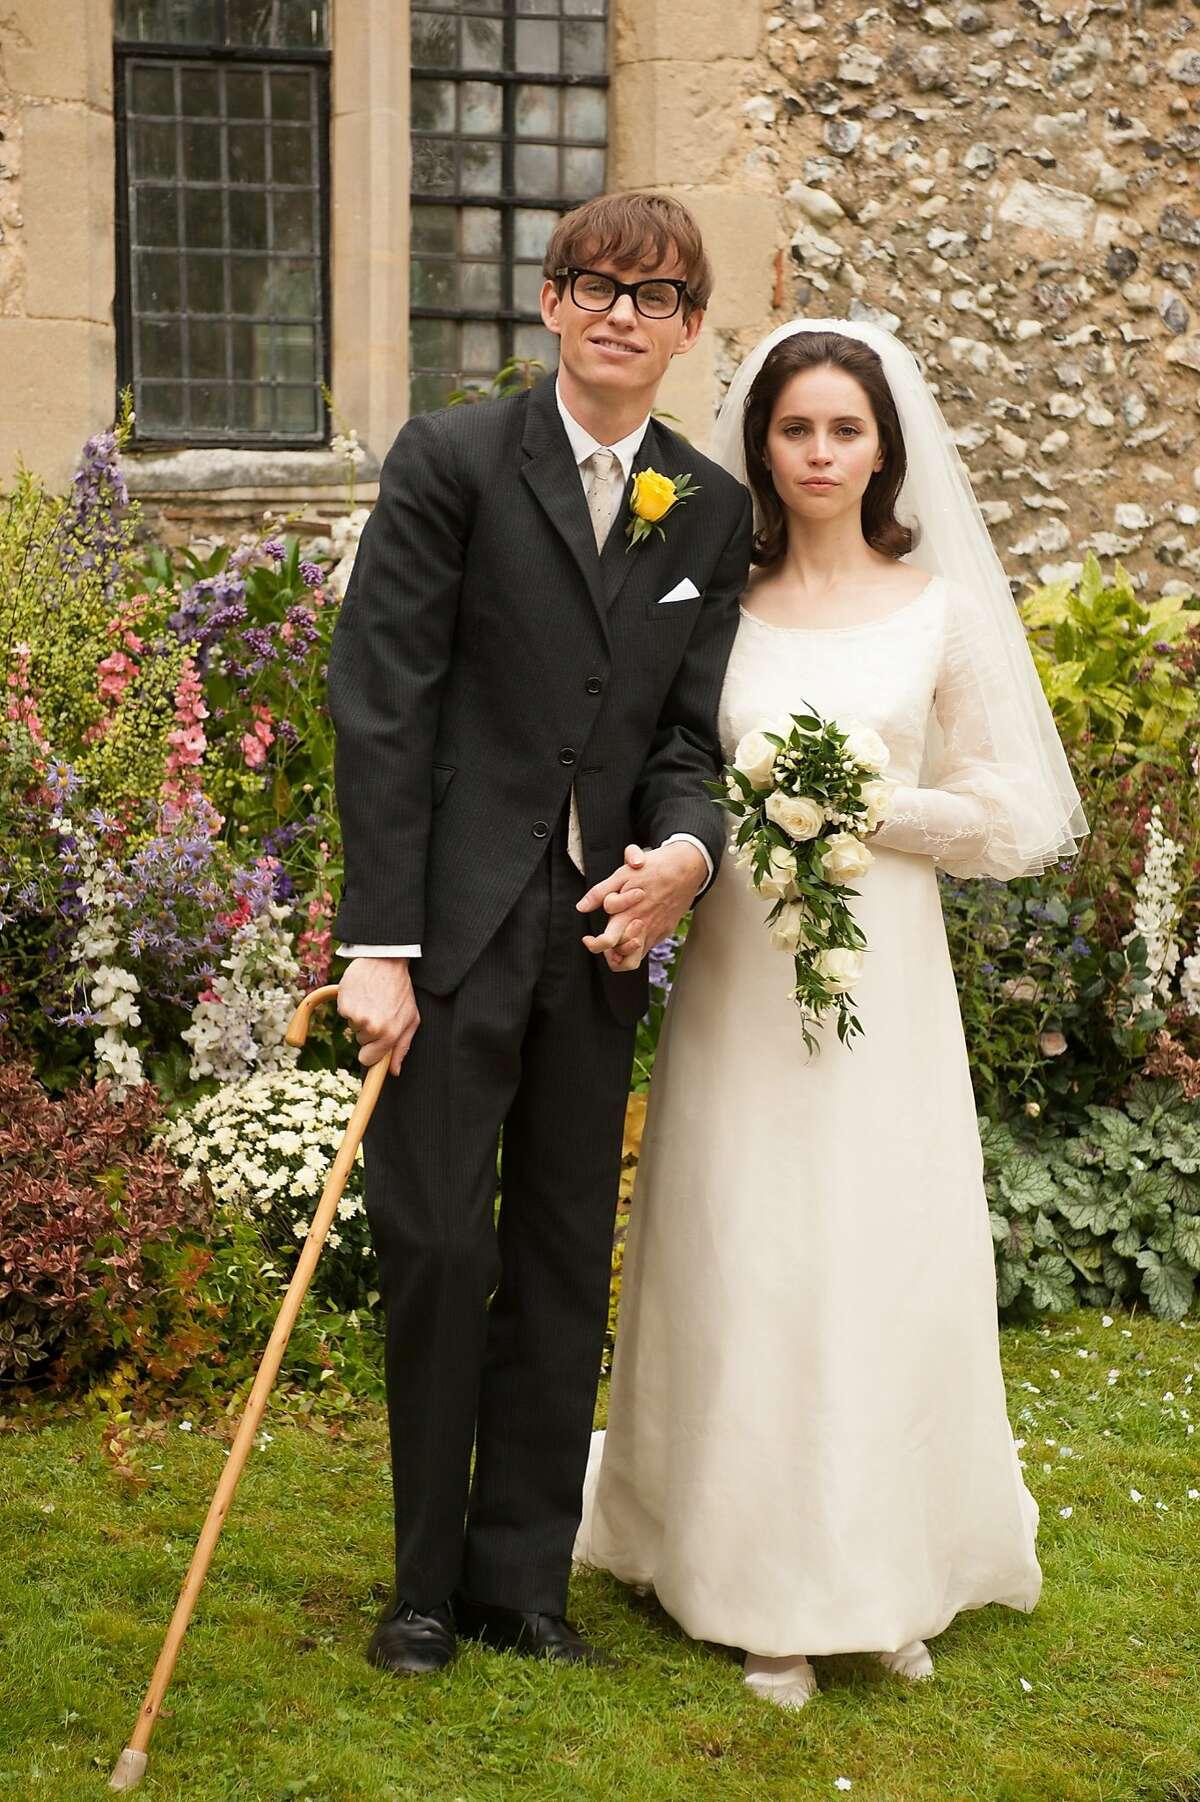 Eddie Redmayne stars as Stephen Hawking and Felicity Jones stars as Jane Wilde Academy Award winner James Marsh's